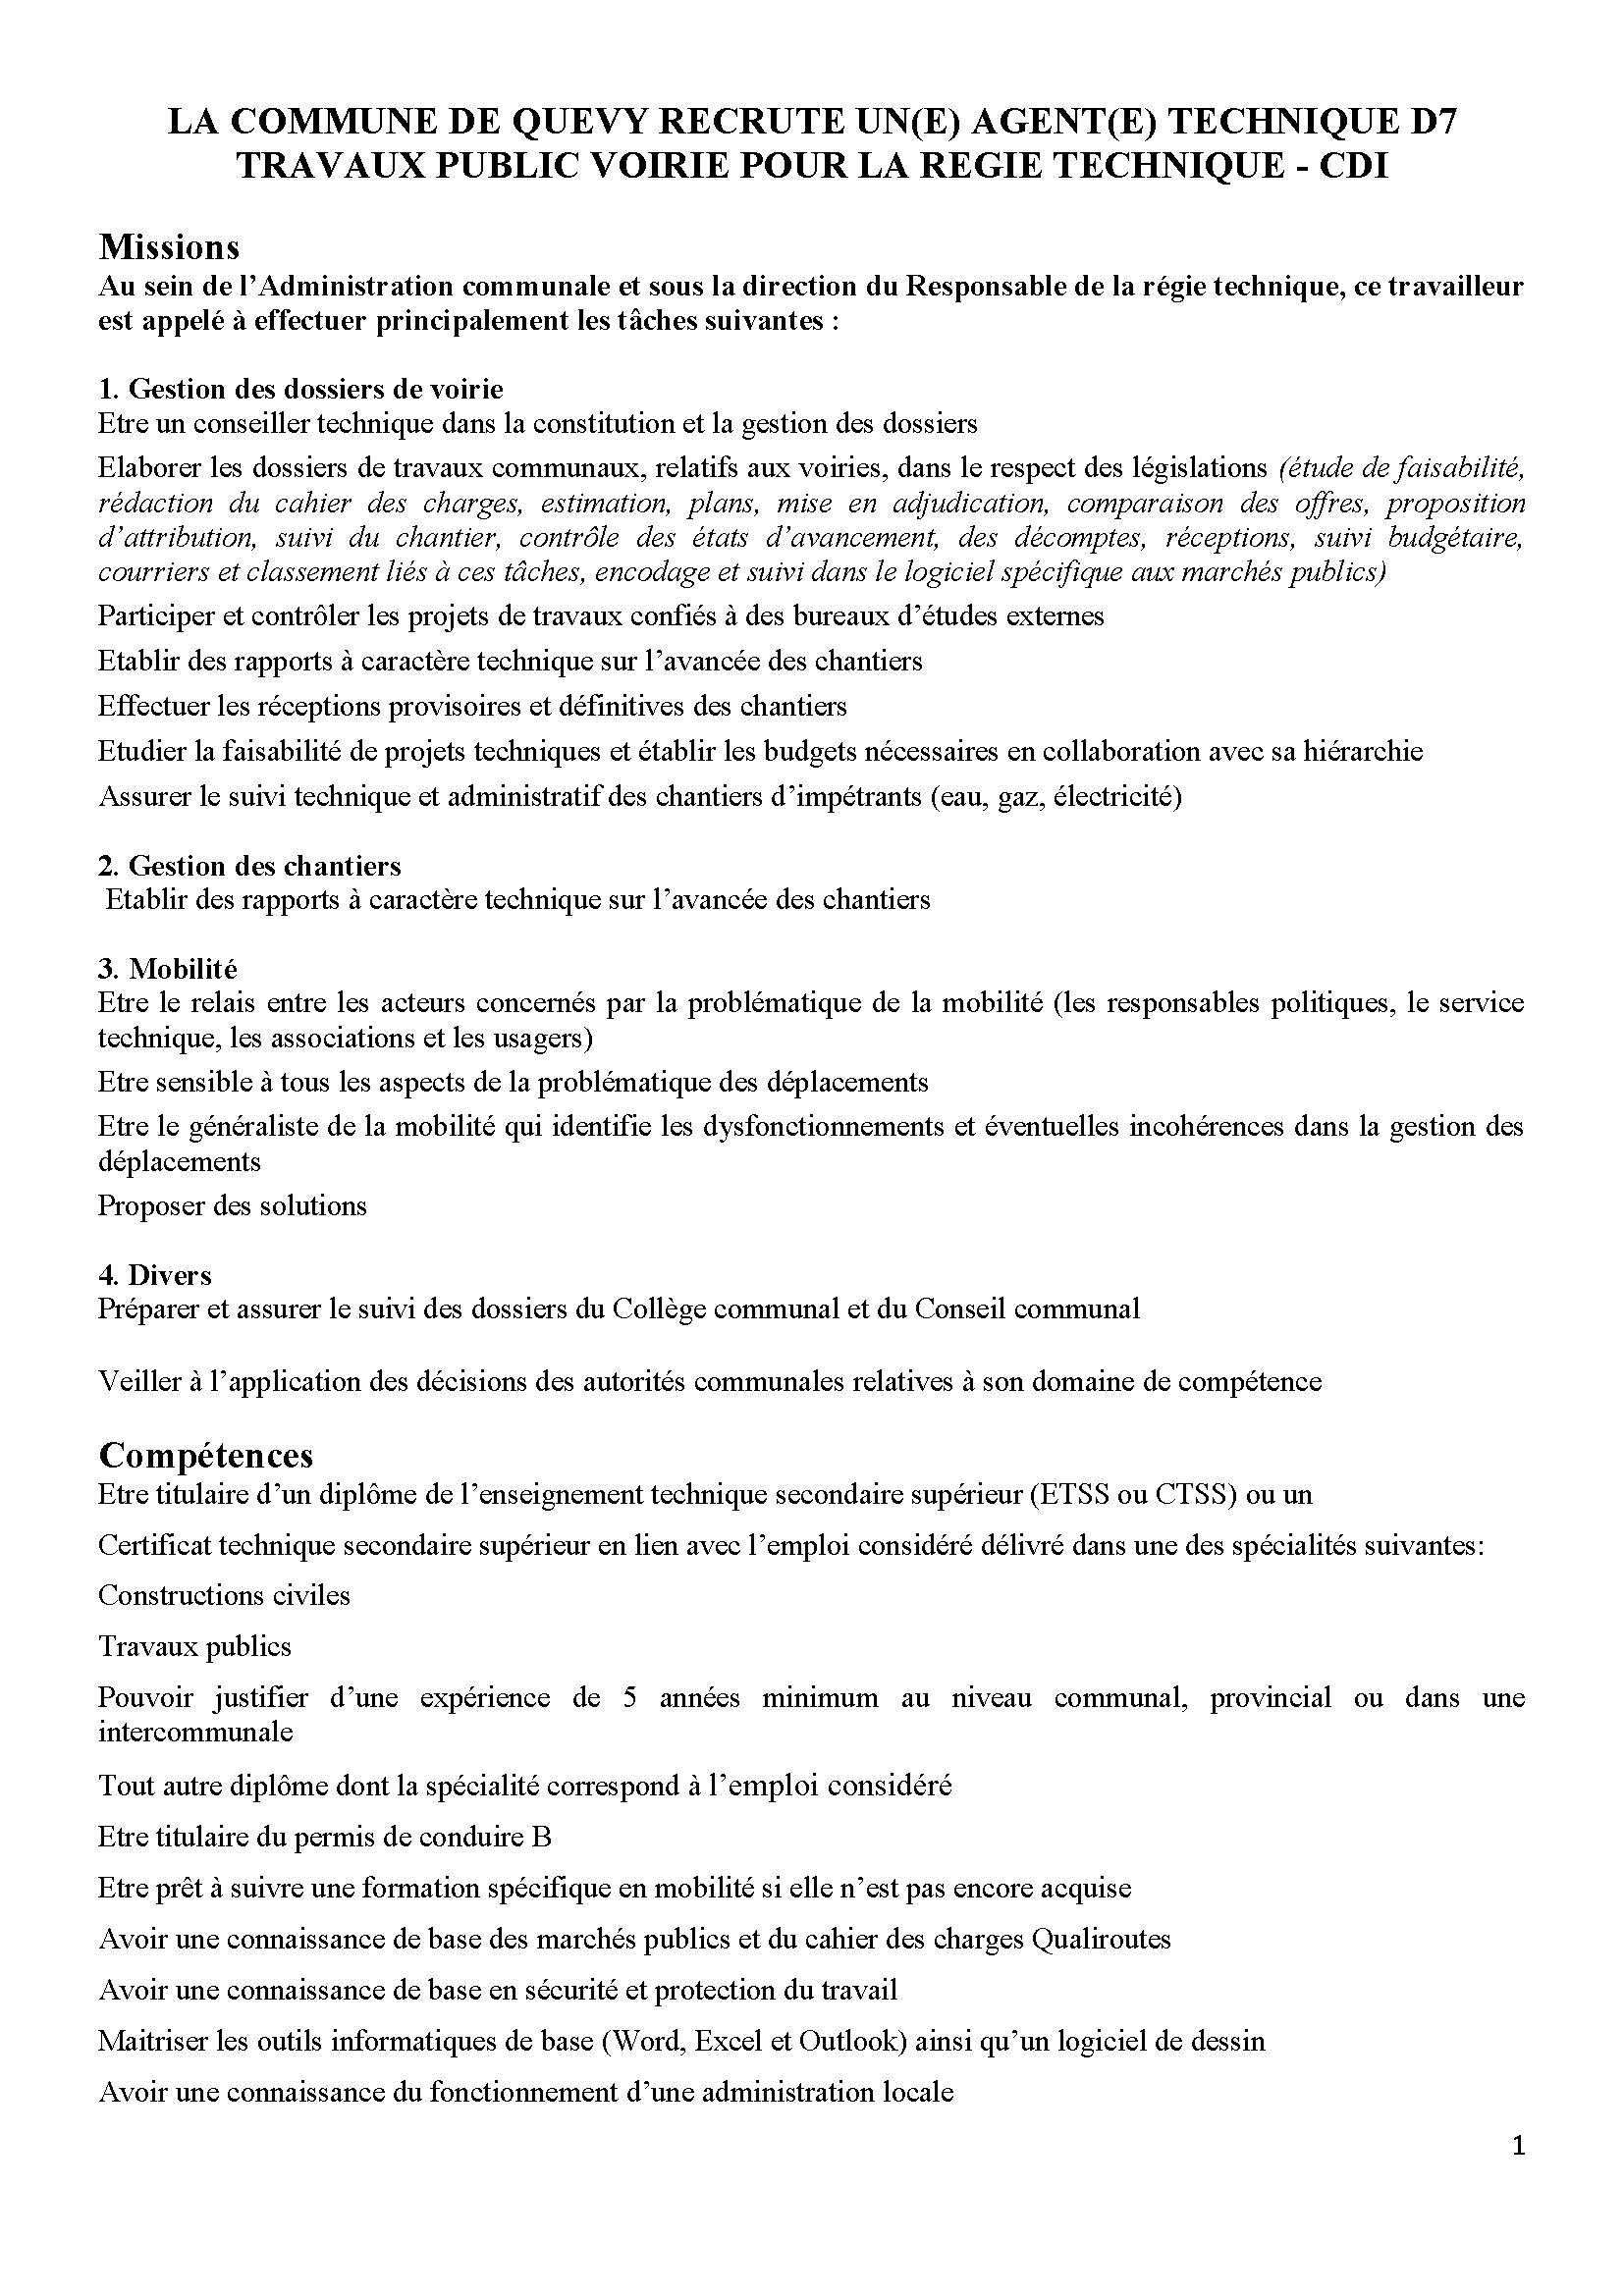 profil de fonction - agent technique  d7 travaux publics & voirie_page_1.jpg